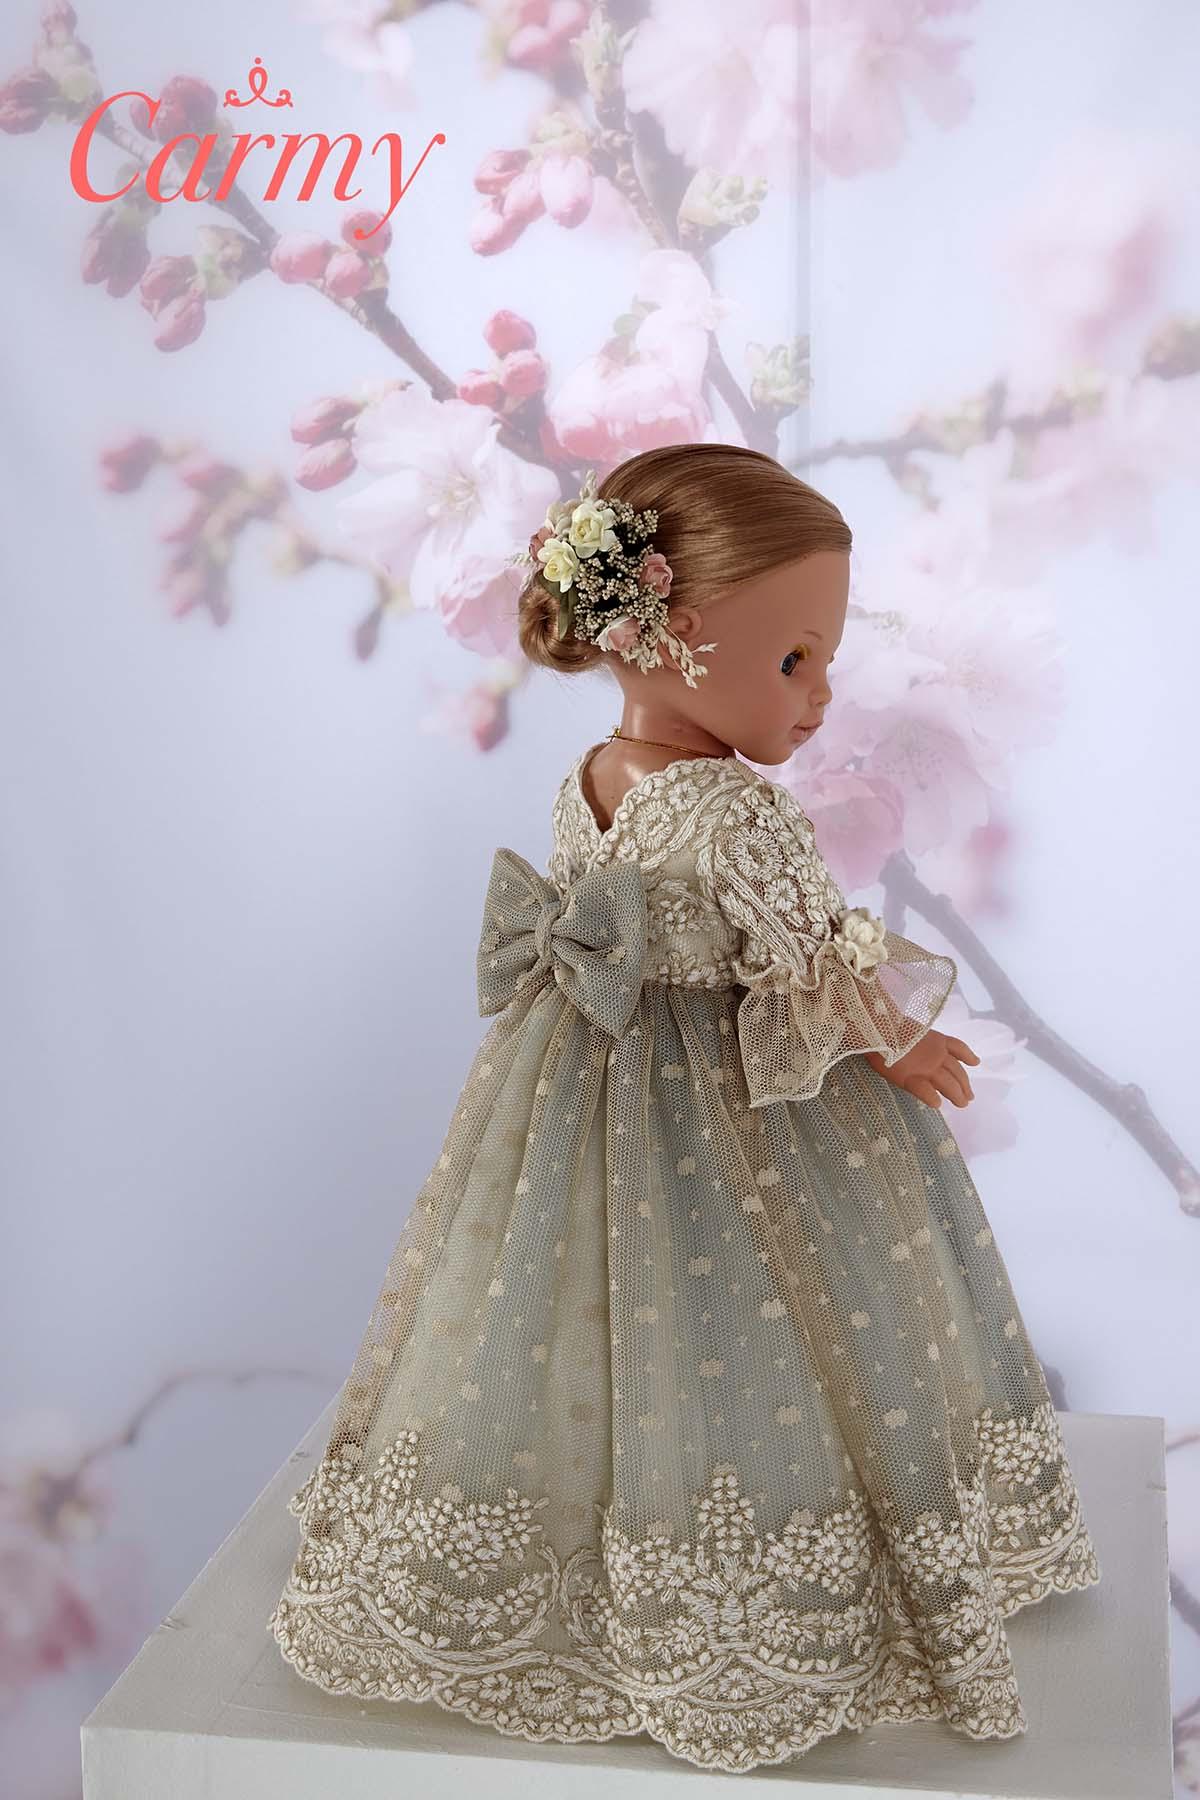 muñeca carmy_3